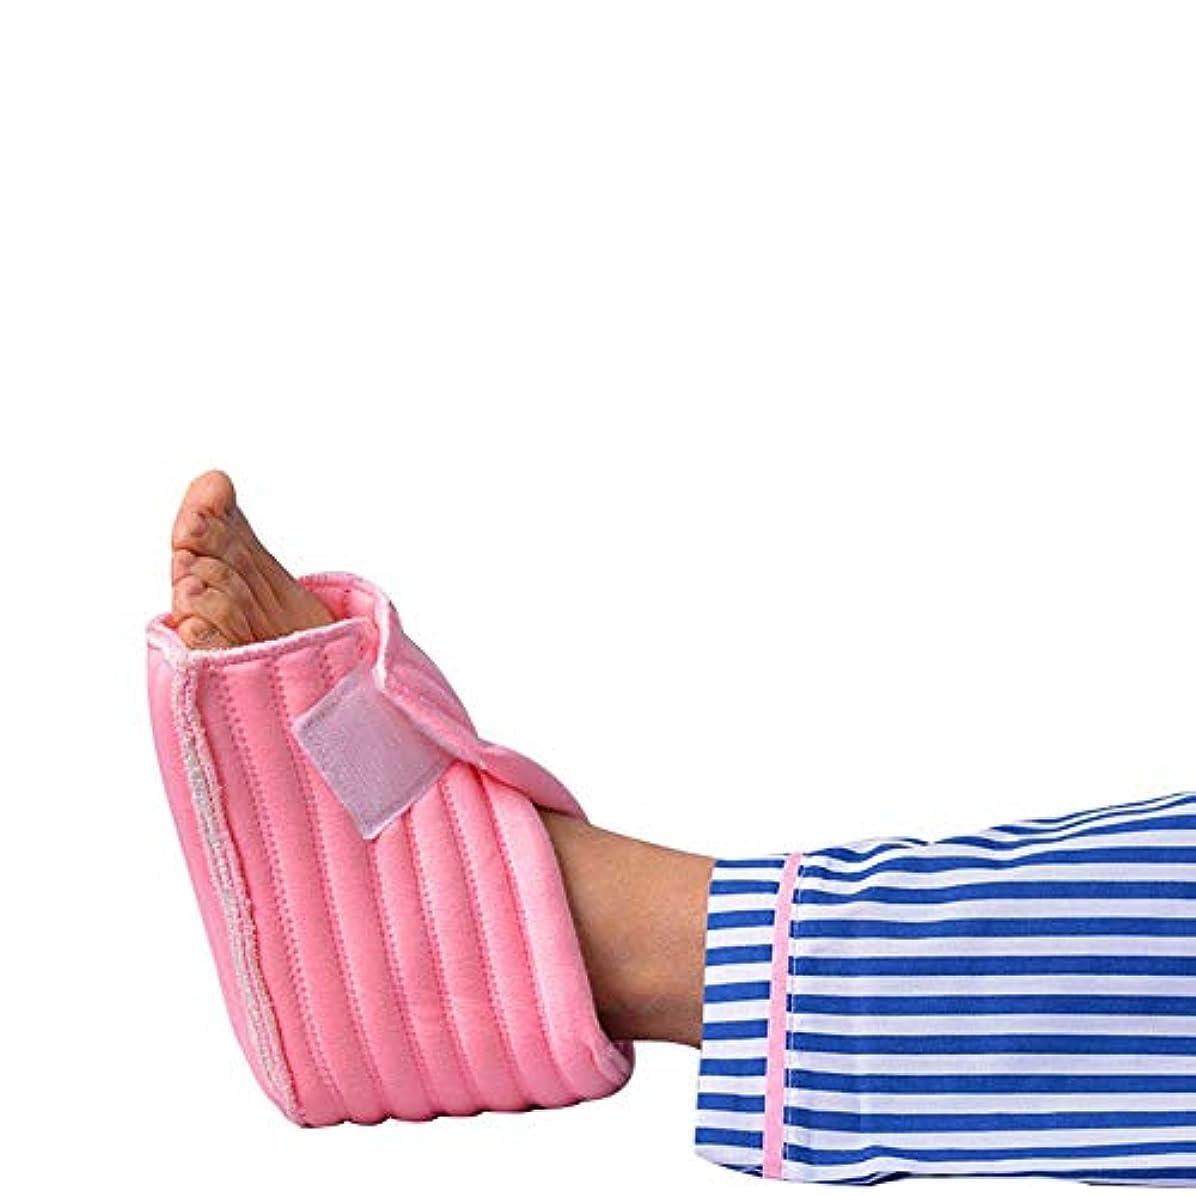 対話スポーツ関係するヒールクッションプロテクター、一対の足枕かかと褥瘡をパッド通気性水分吸上コア